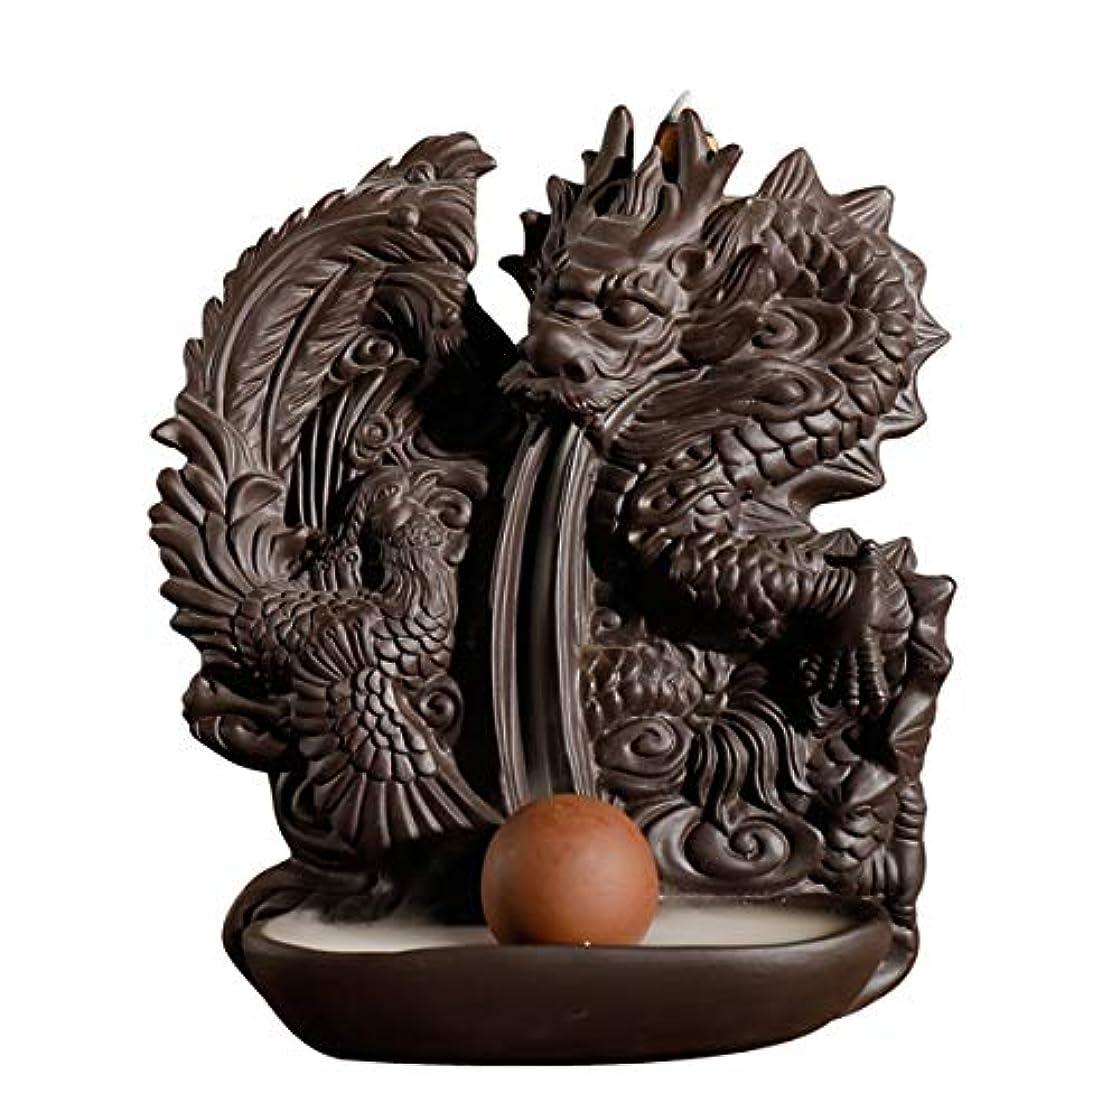 過半数適度にたっぷりドラゴン逆流香バーナー手作りセラミックドラゴン香ホルダービーズ香コーン理想的なギフト家の装飾